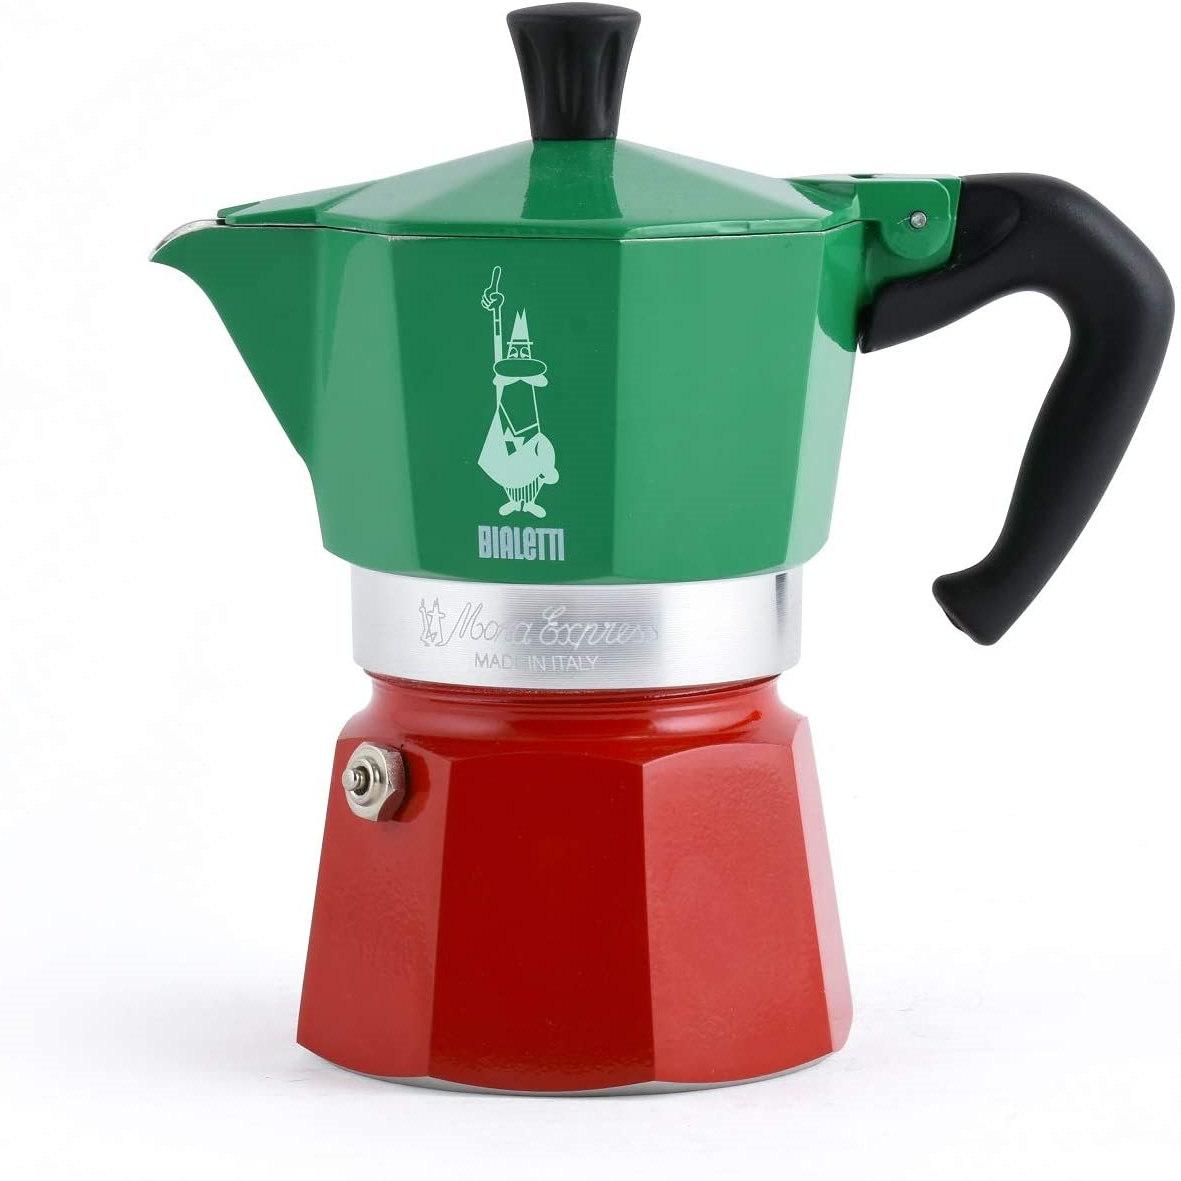 来一杯香浓的意式浓缩咖啡吧 Bialetti意大利国旗三色摩卡壶